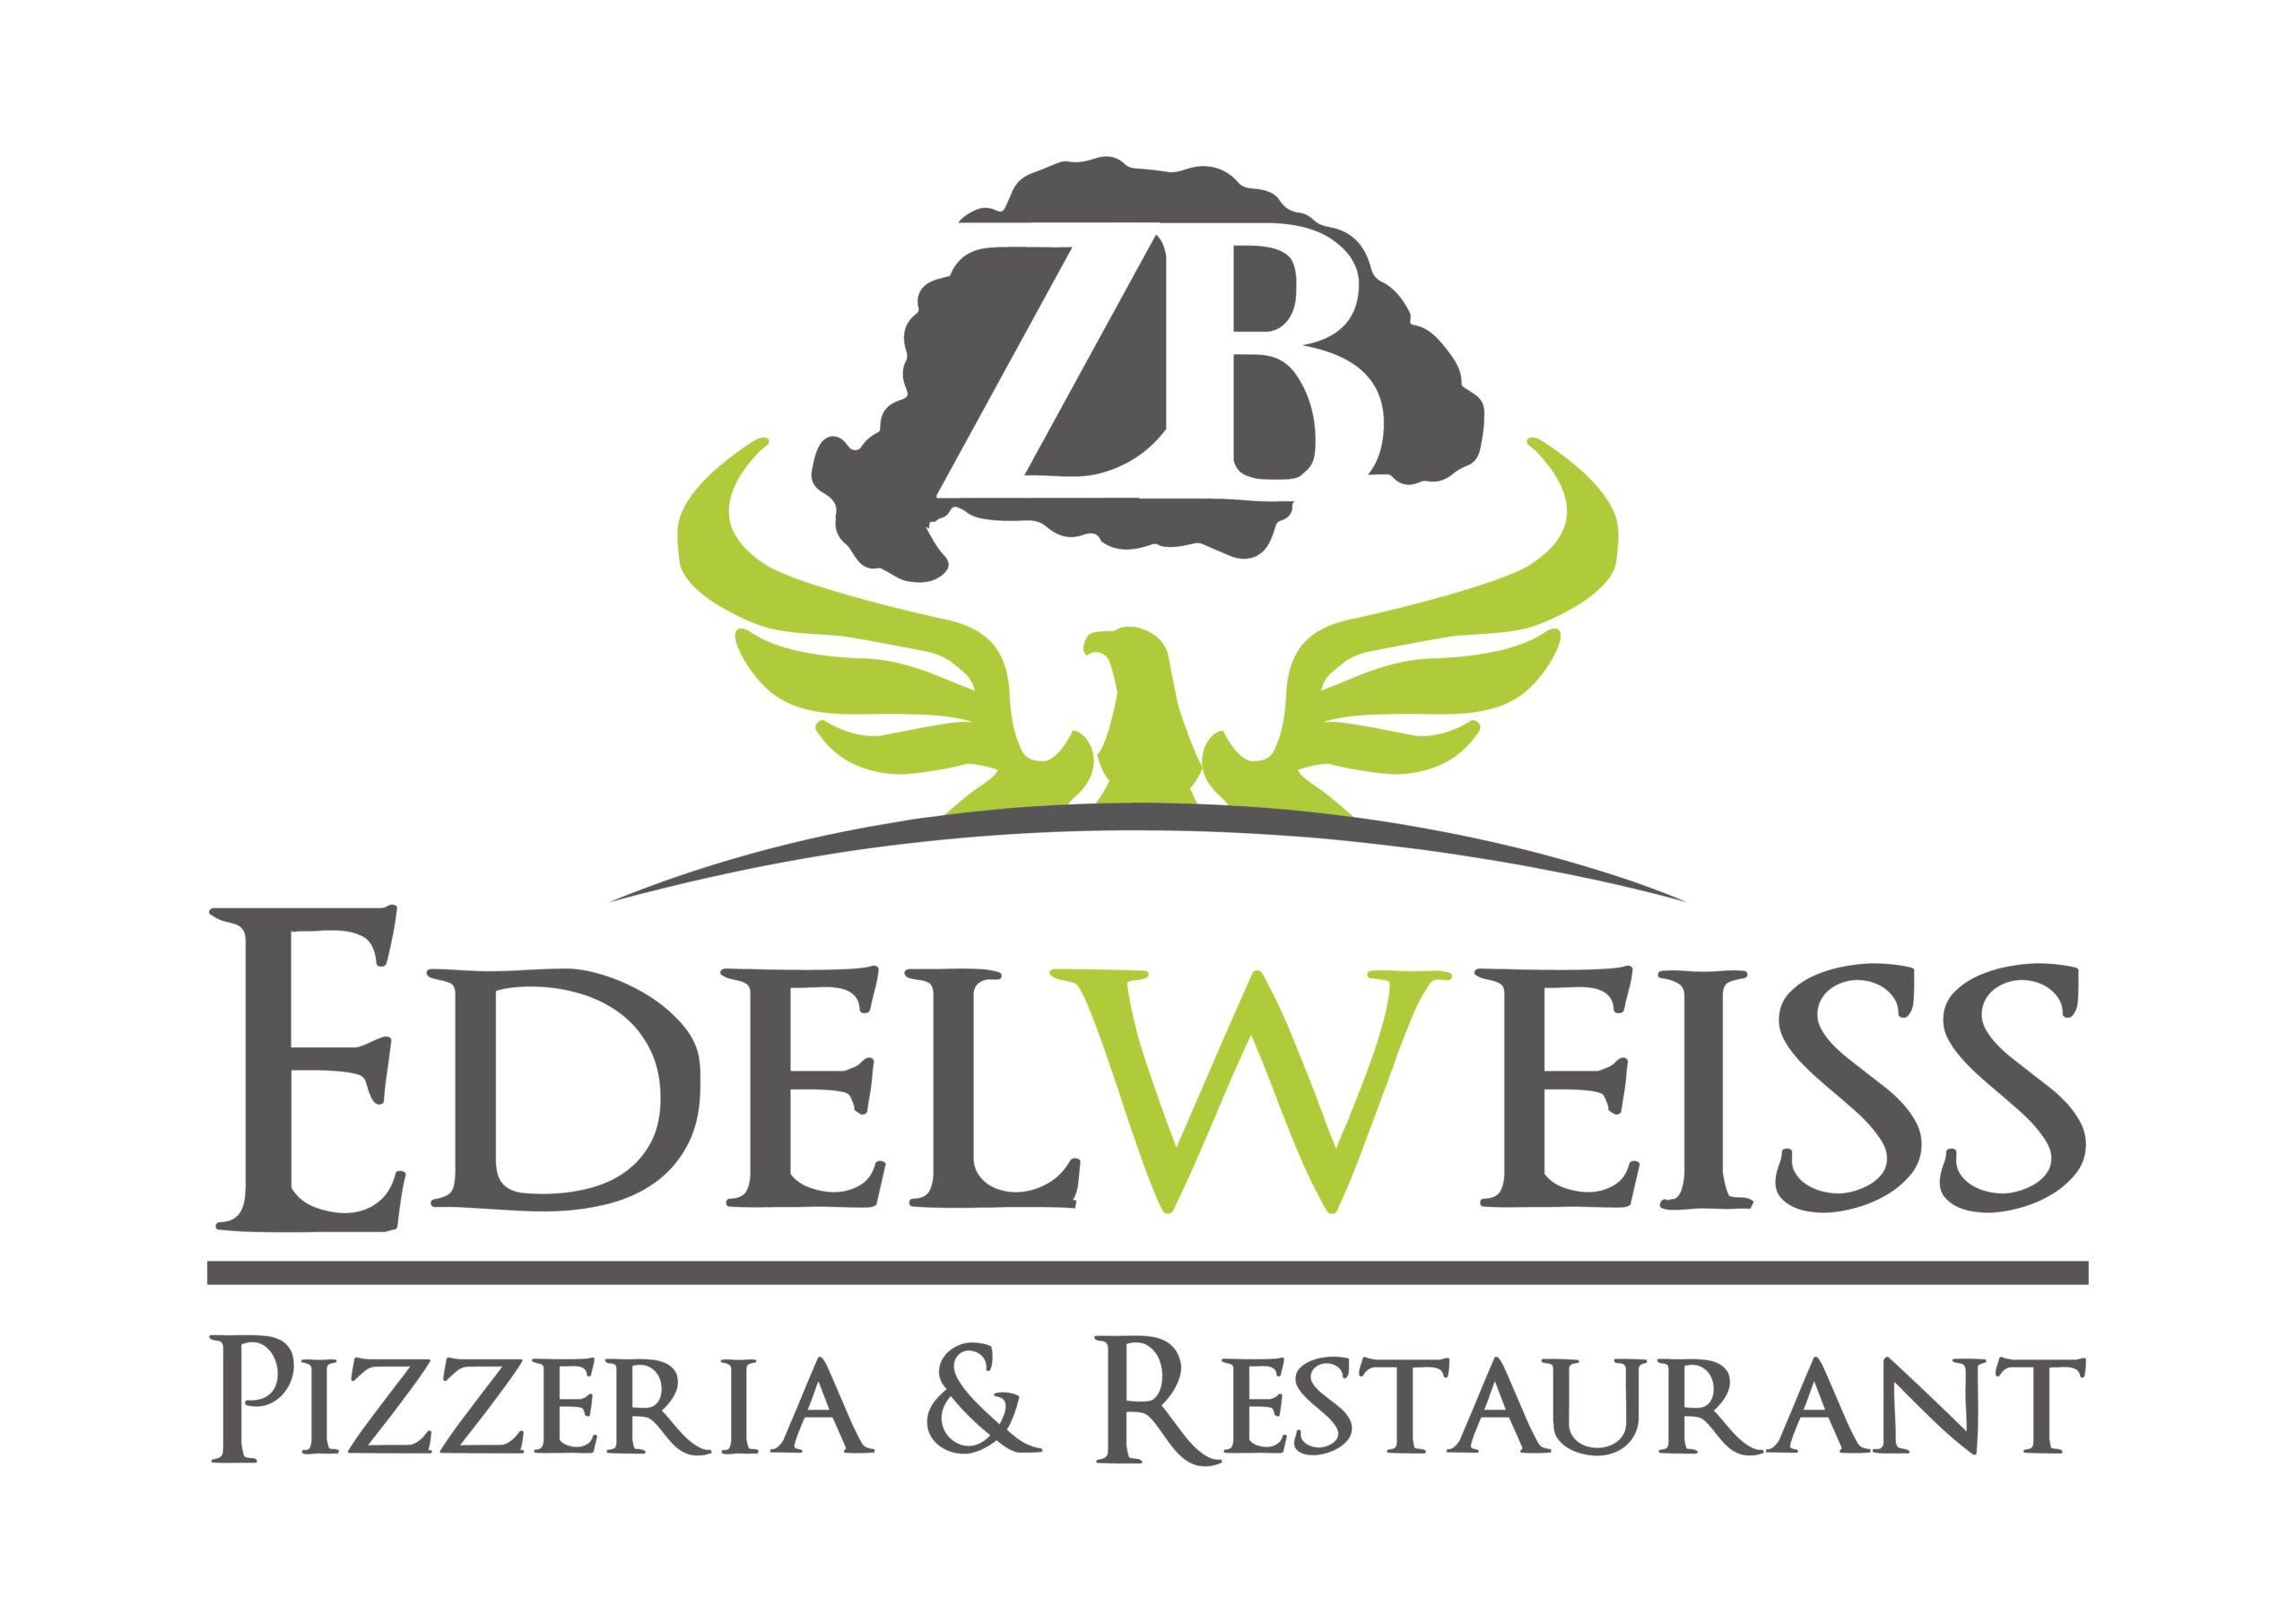 edelweiss-pizzeria-und-restaurant-logo